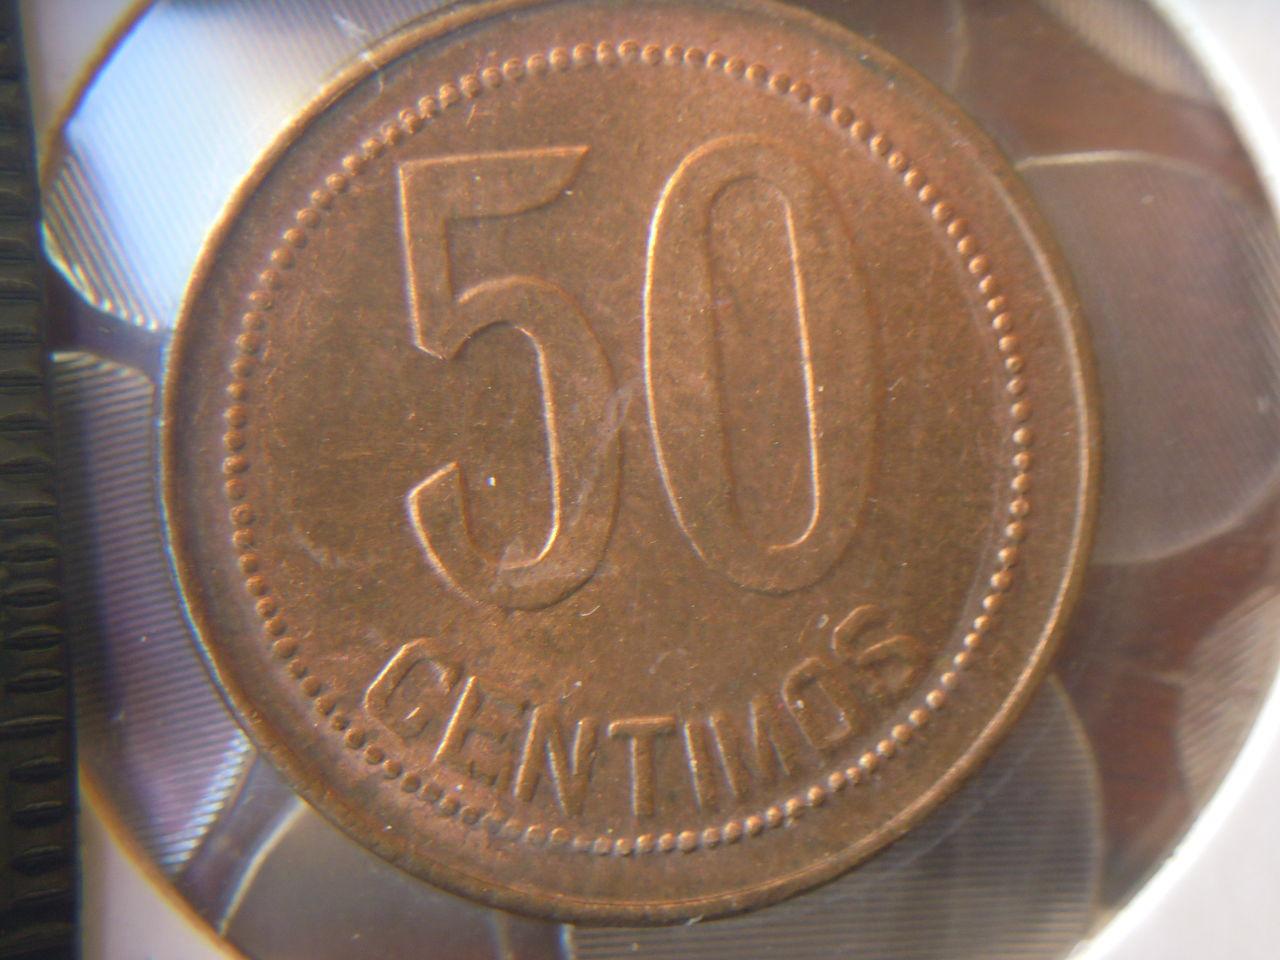 Los 50 Centimos de 1937 y sus variantes por Sergio Ibarra 50_cts_1937_007